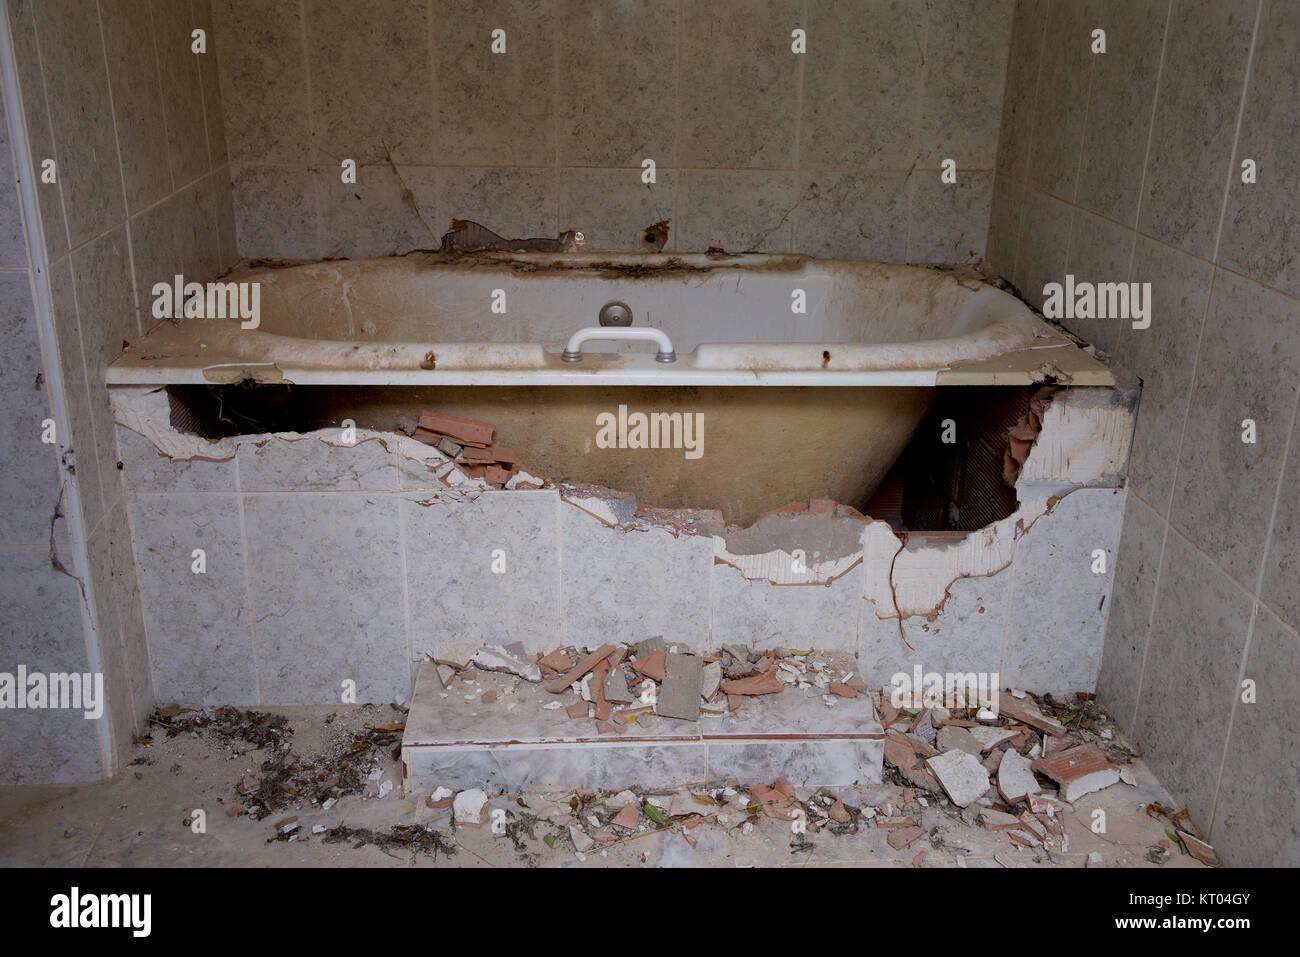 Vasca Da Bagno Rotta : Piastrelle rotte e un bagno in una villa abbandonata foto & immagine